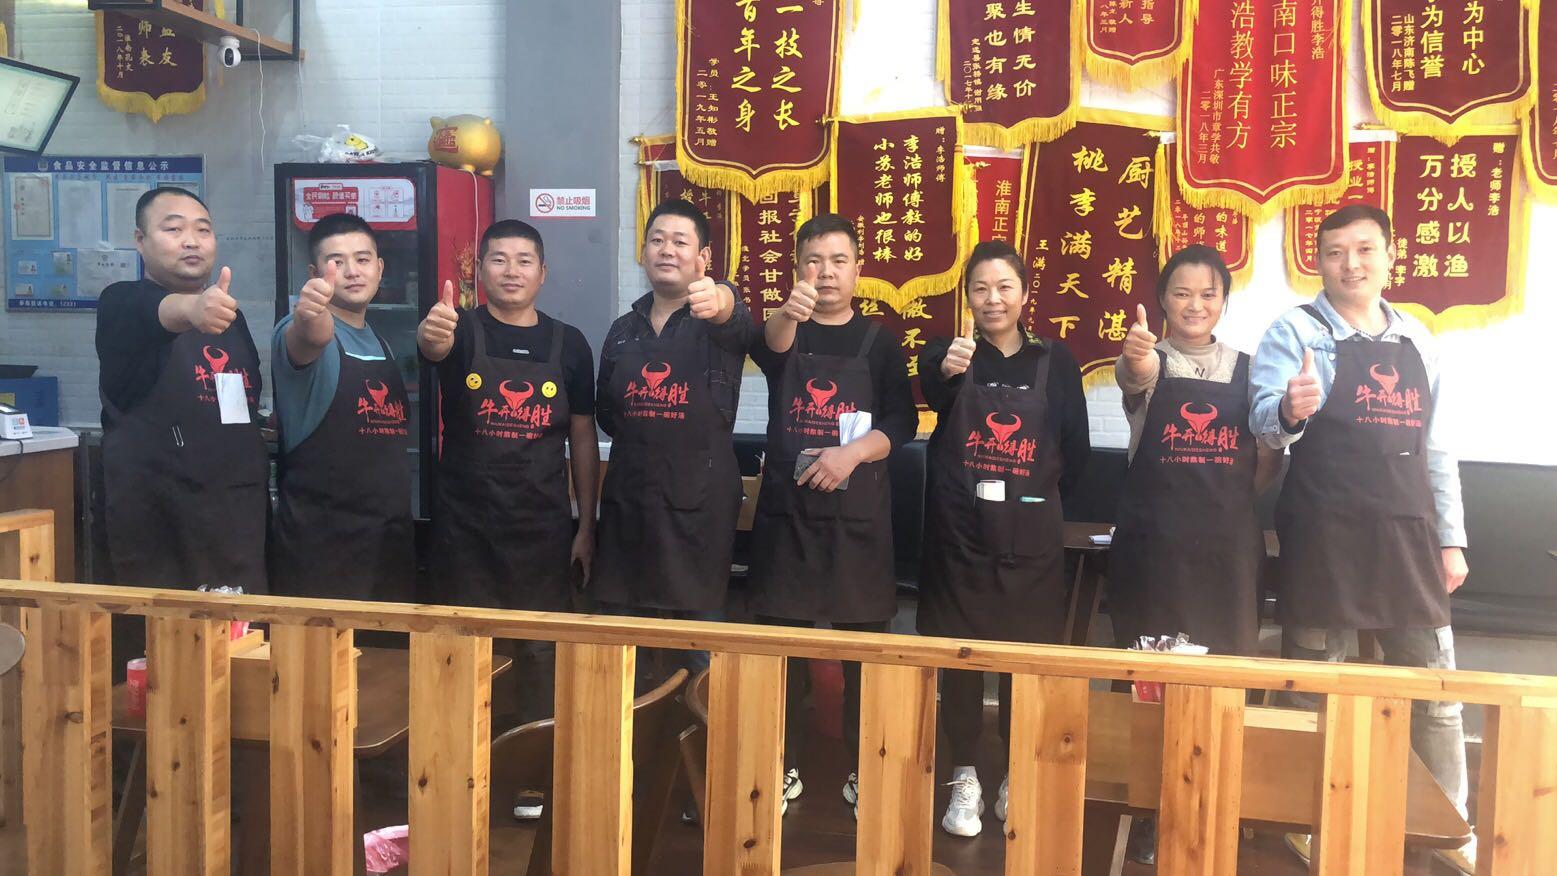 正宗淮南牛肉汤培训  10多年开店配方+技术扶持  包您满意